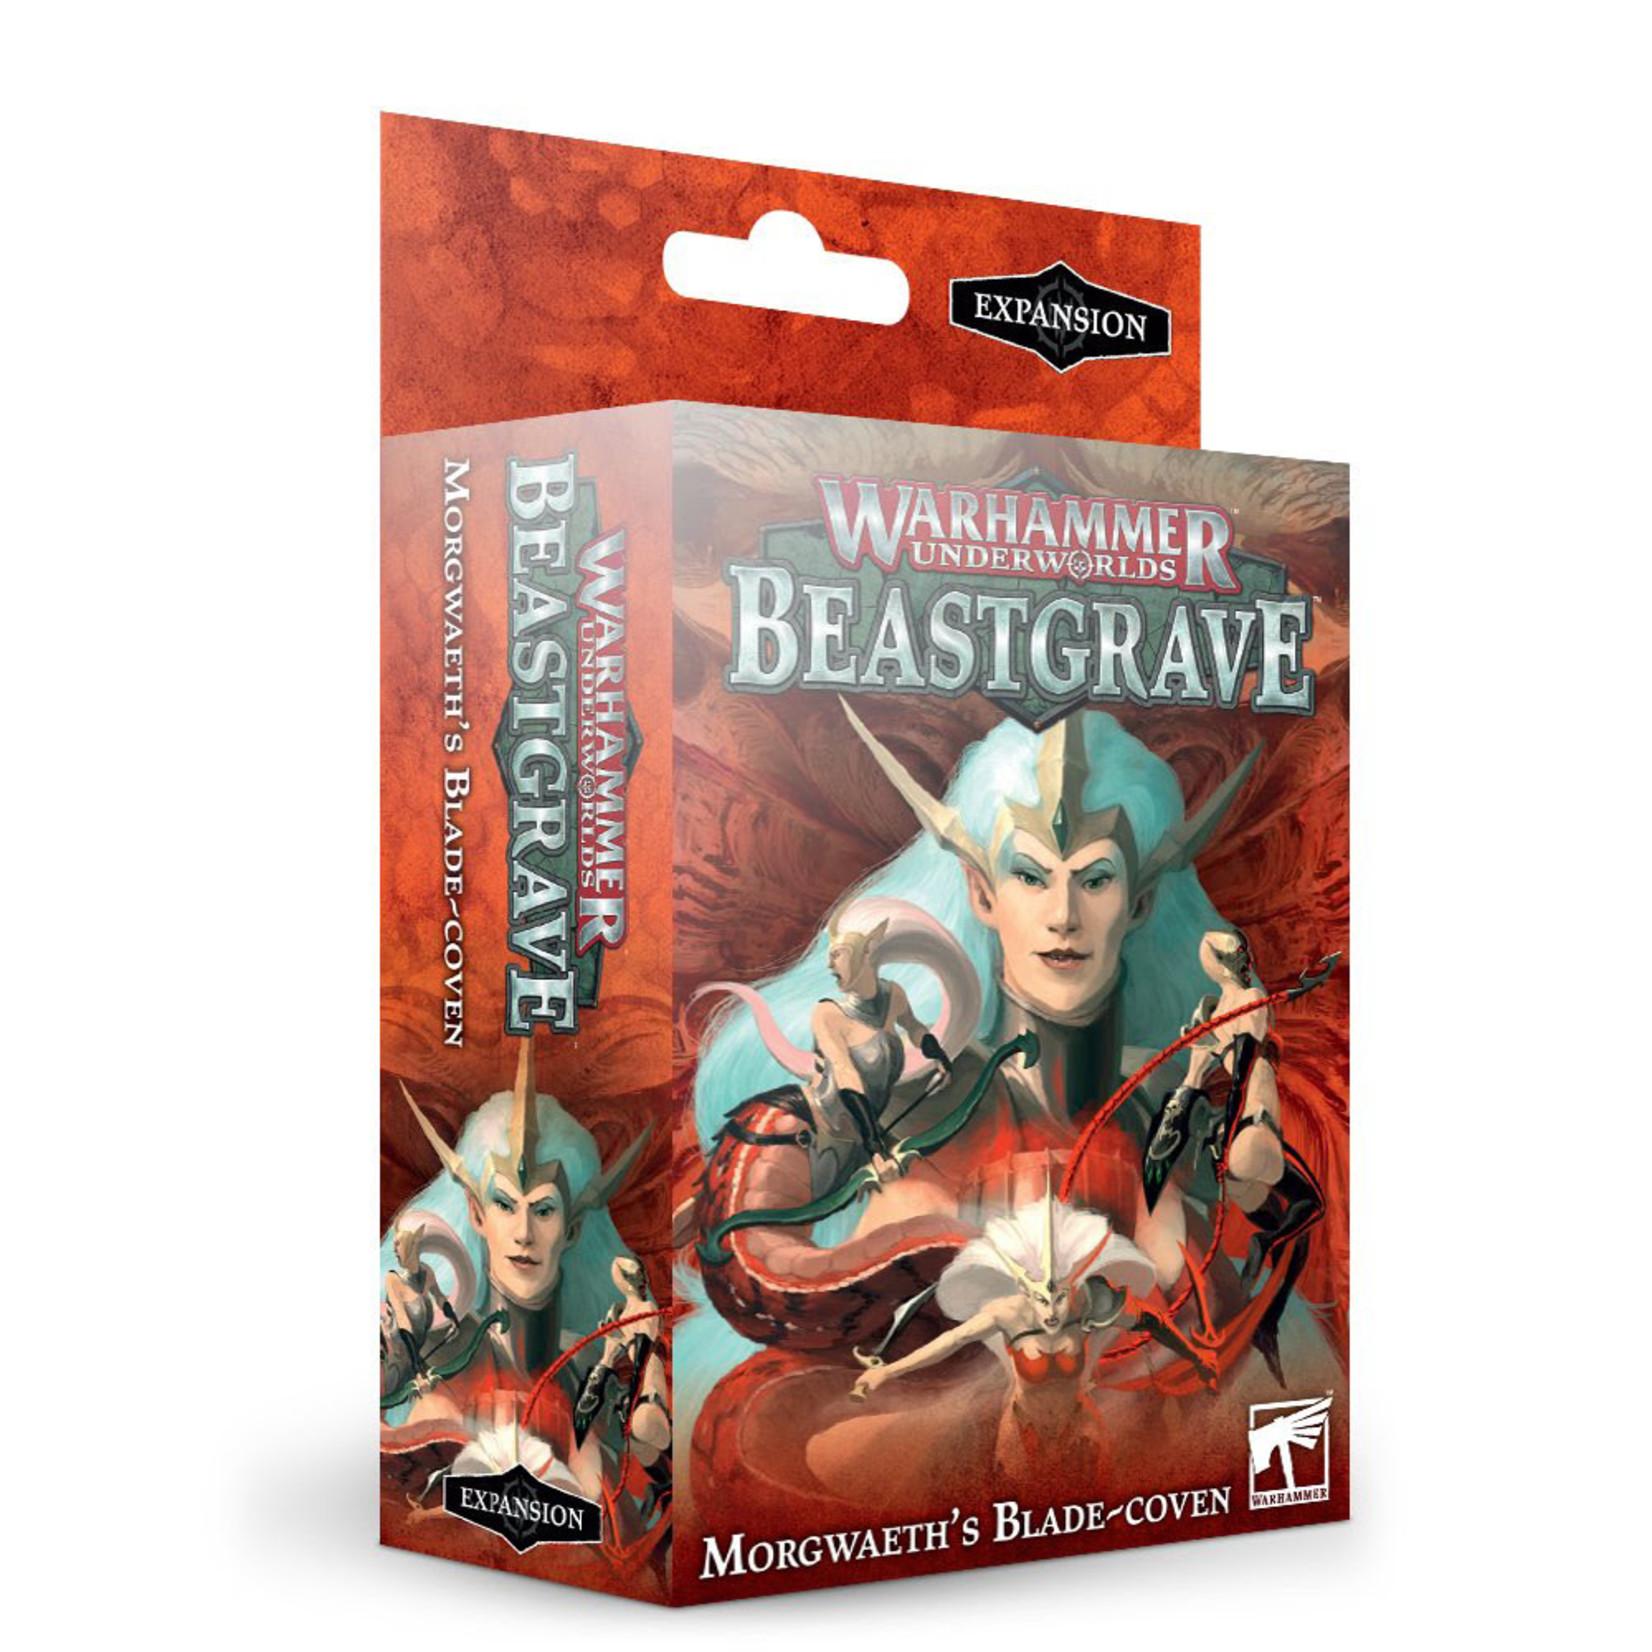 Games Workshop Warhammer Underworlds: Beastgrave - Morgweath's Blade-Coven